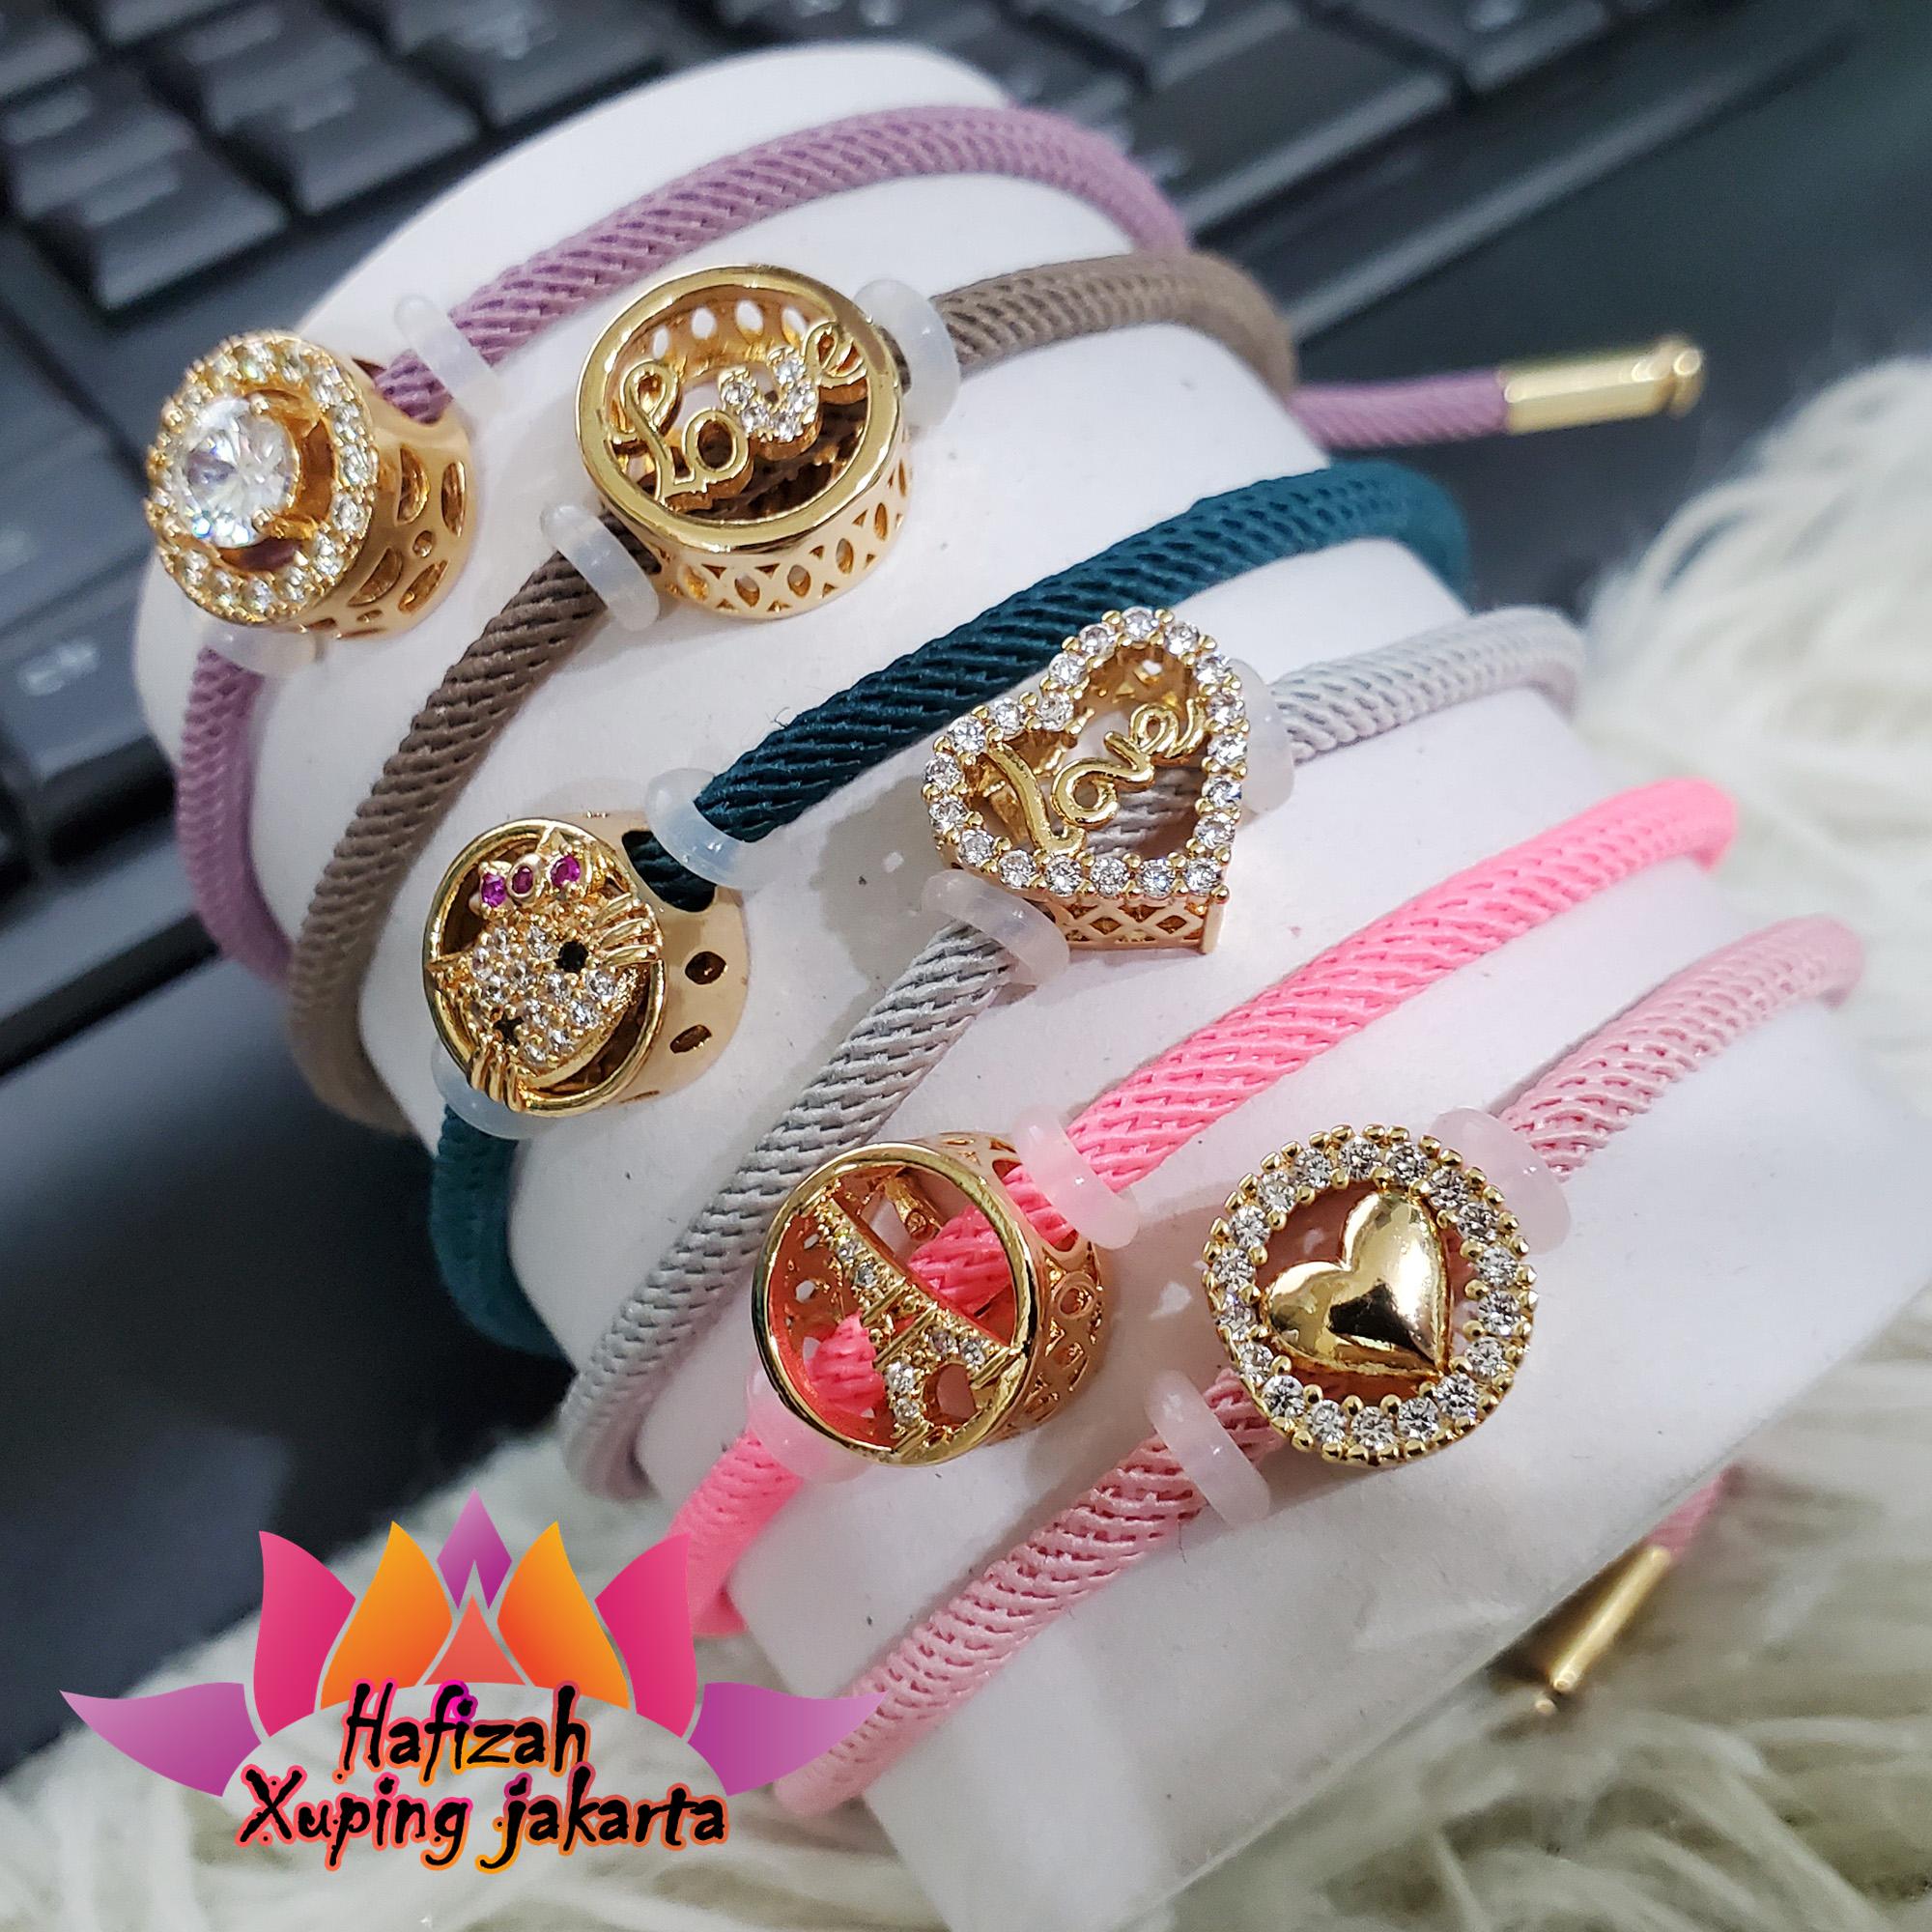 gelang tali pandora 24k motif lucu bisa cod perhiasan cowok cewek guys